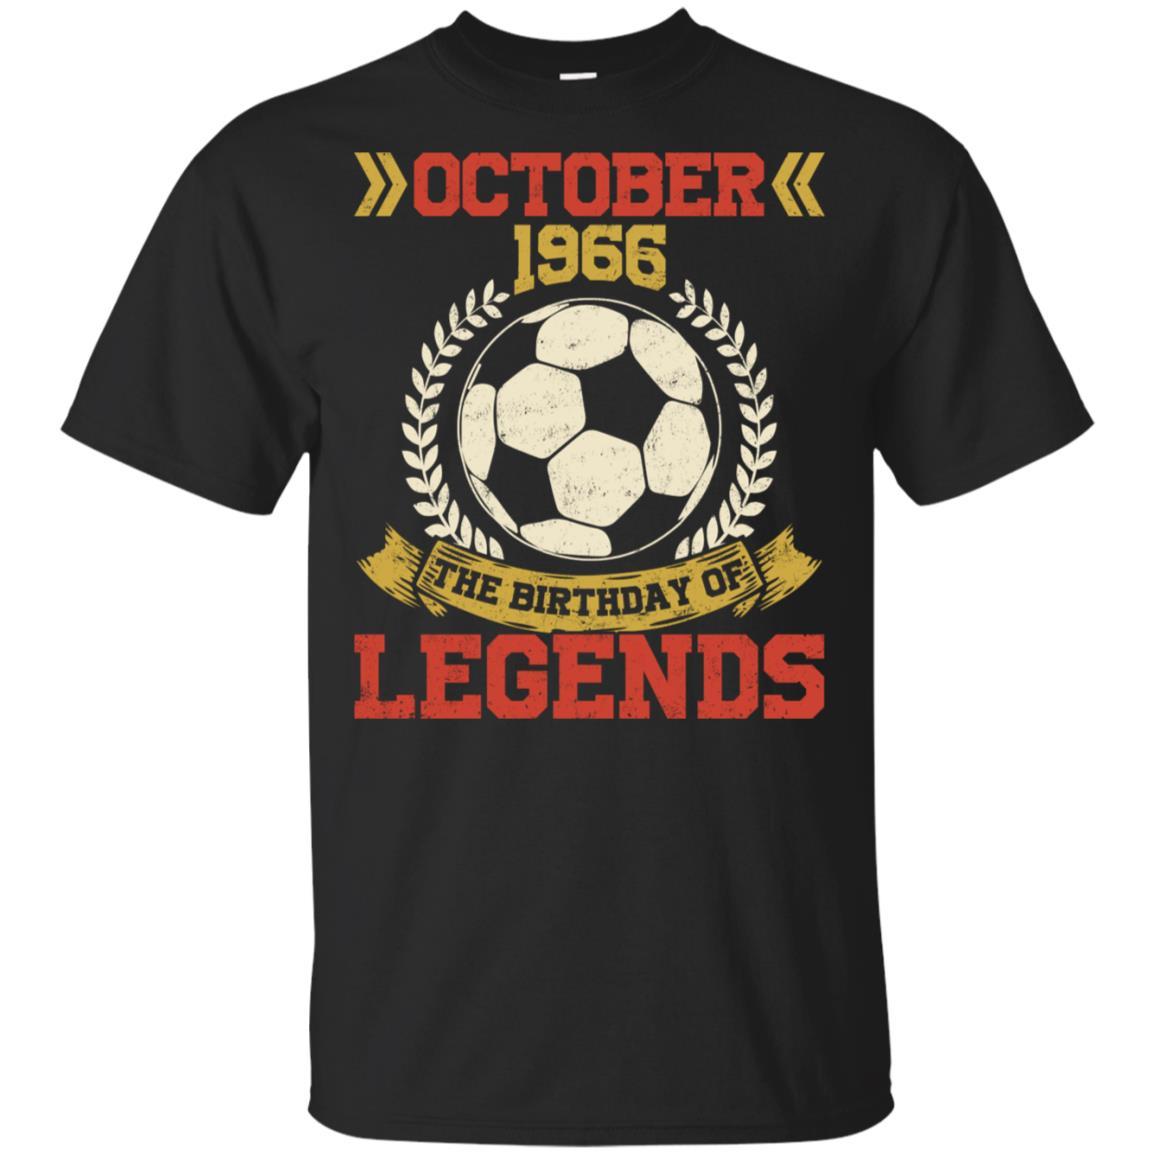 1966 October 52nd Birthday Of Football Soccer Legend Unisex Short Sleeve